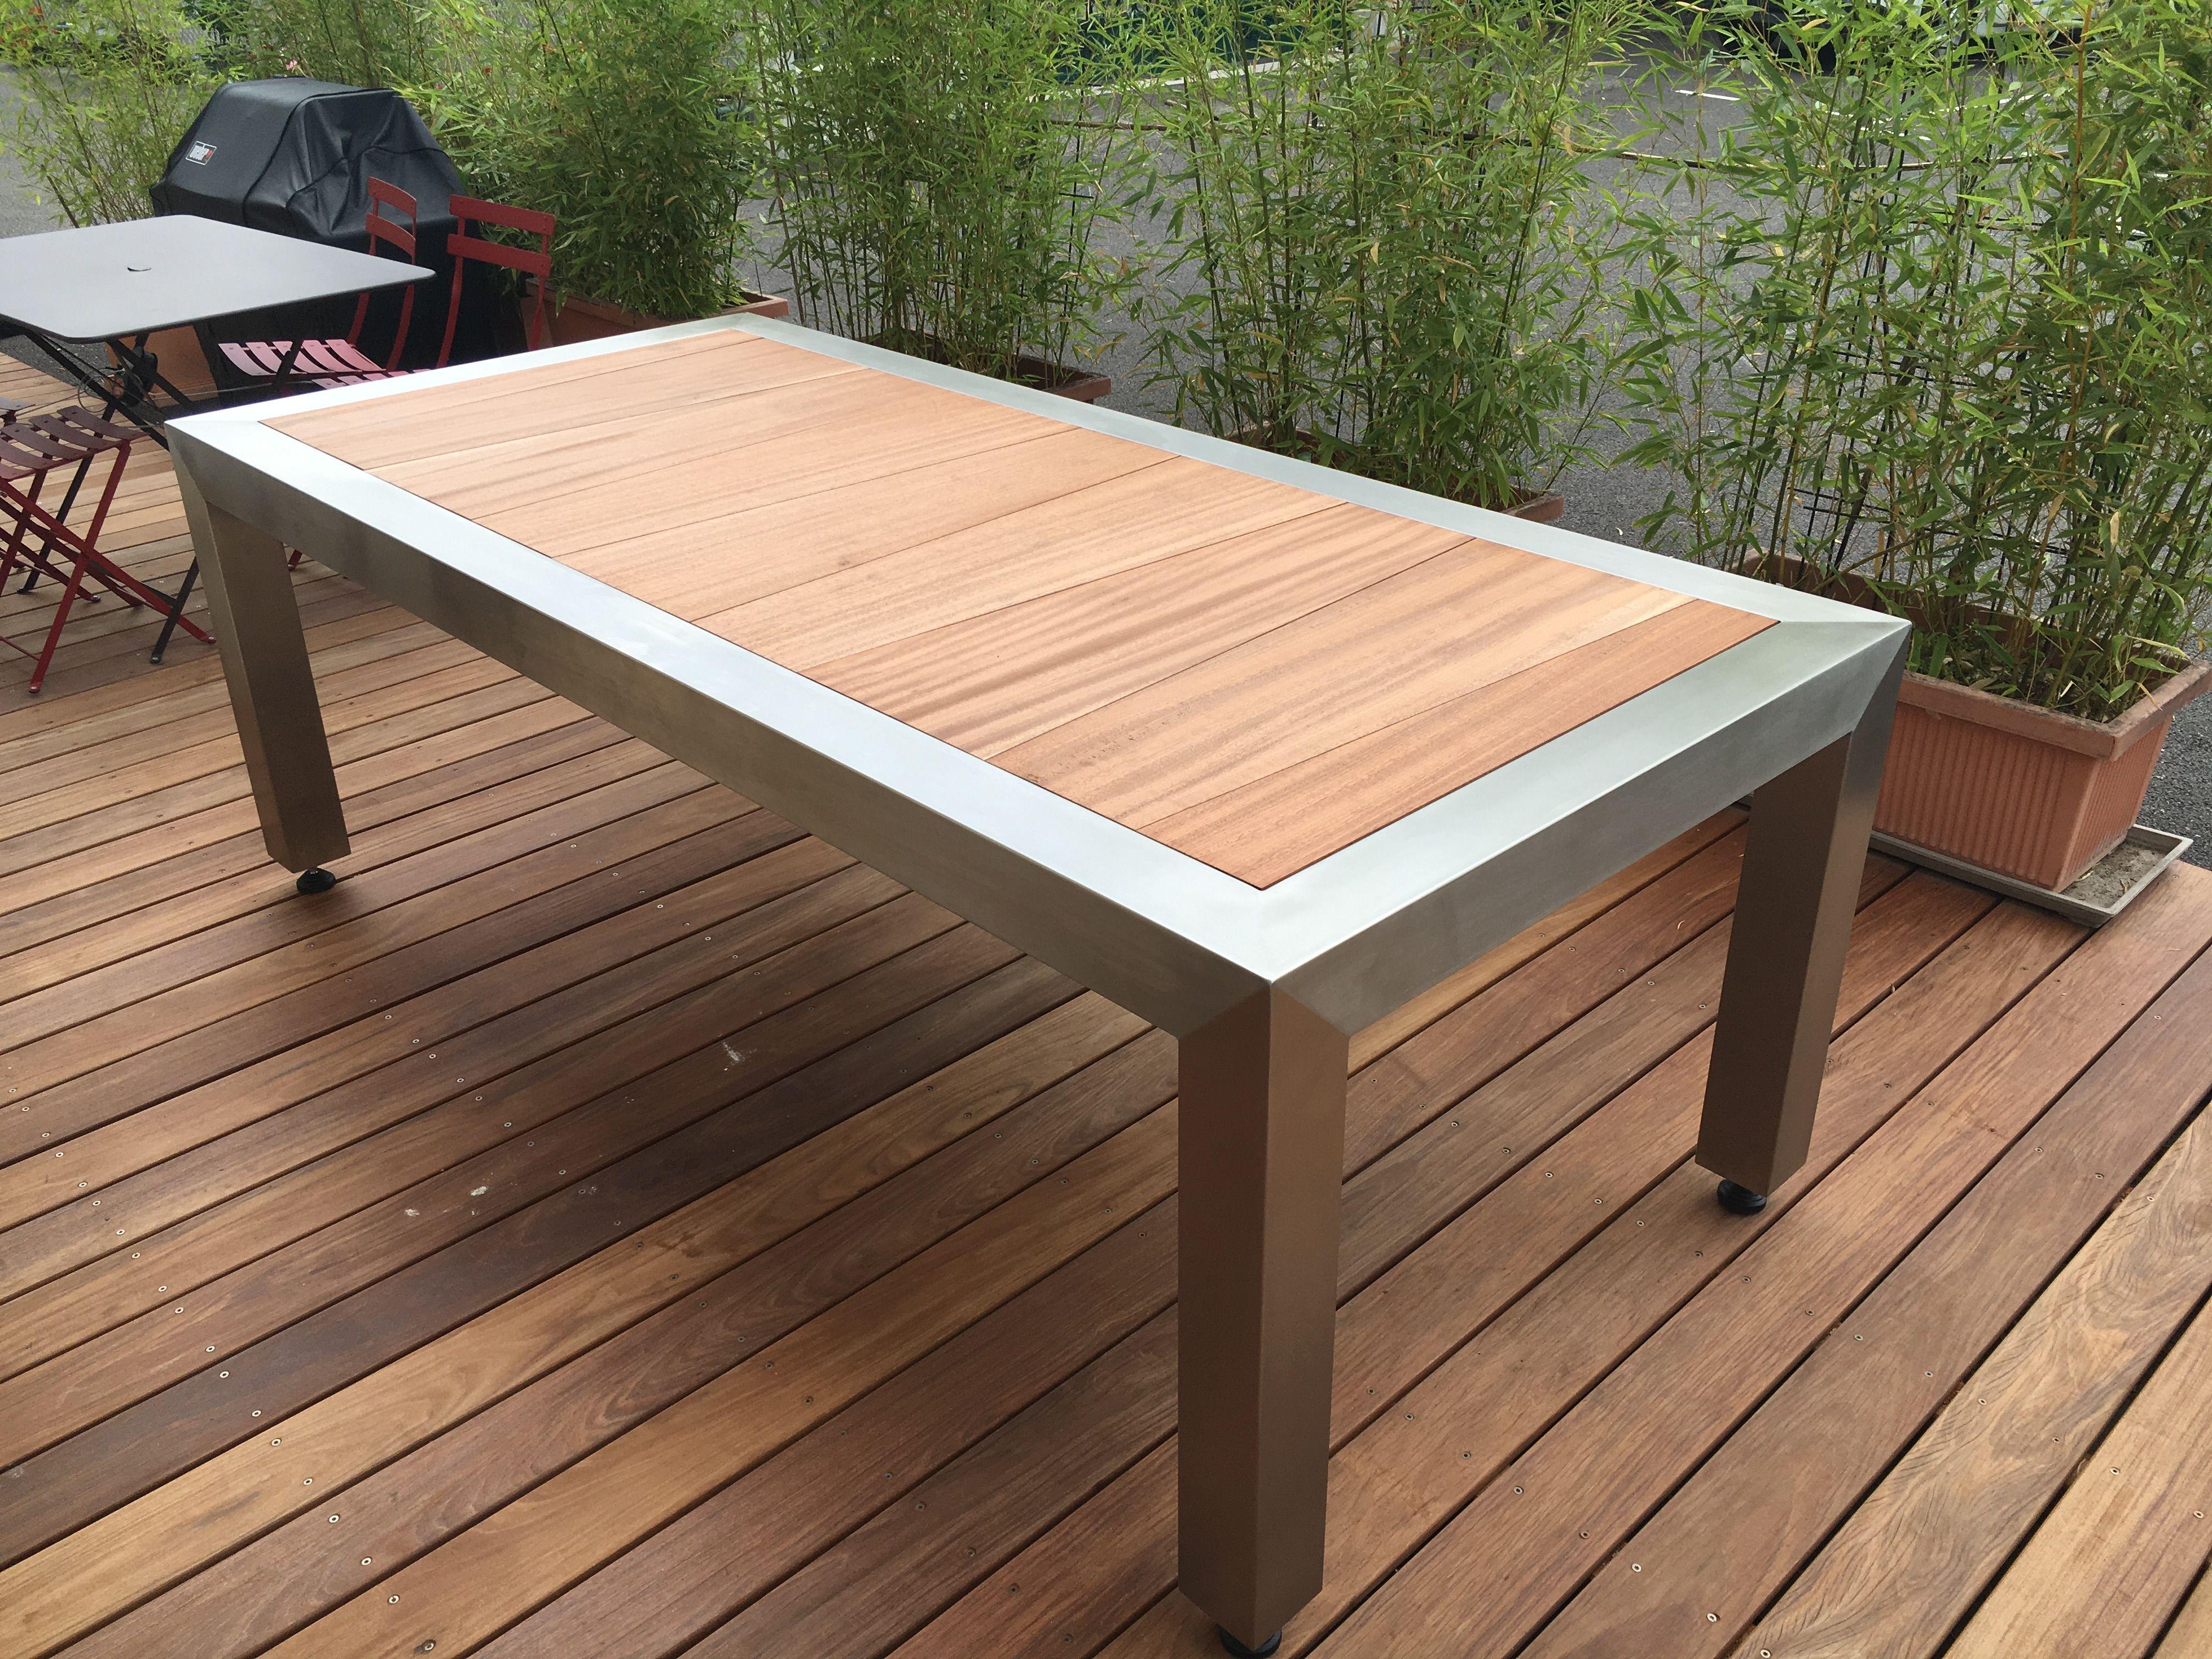 table inox et bois du bresil prix 3200